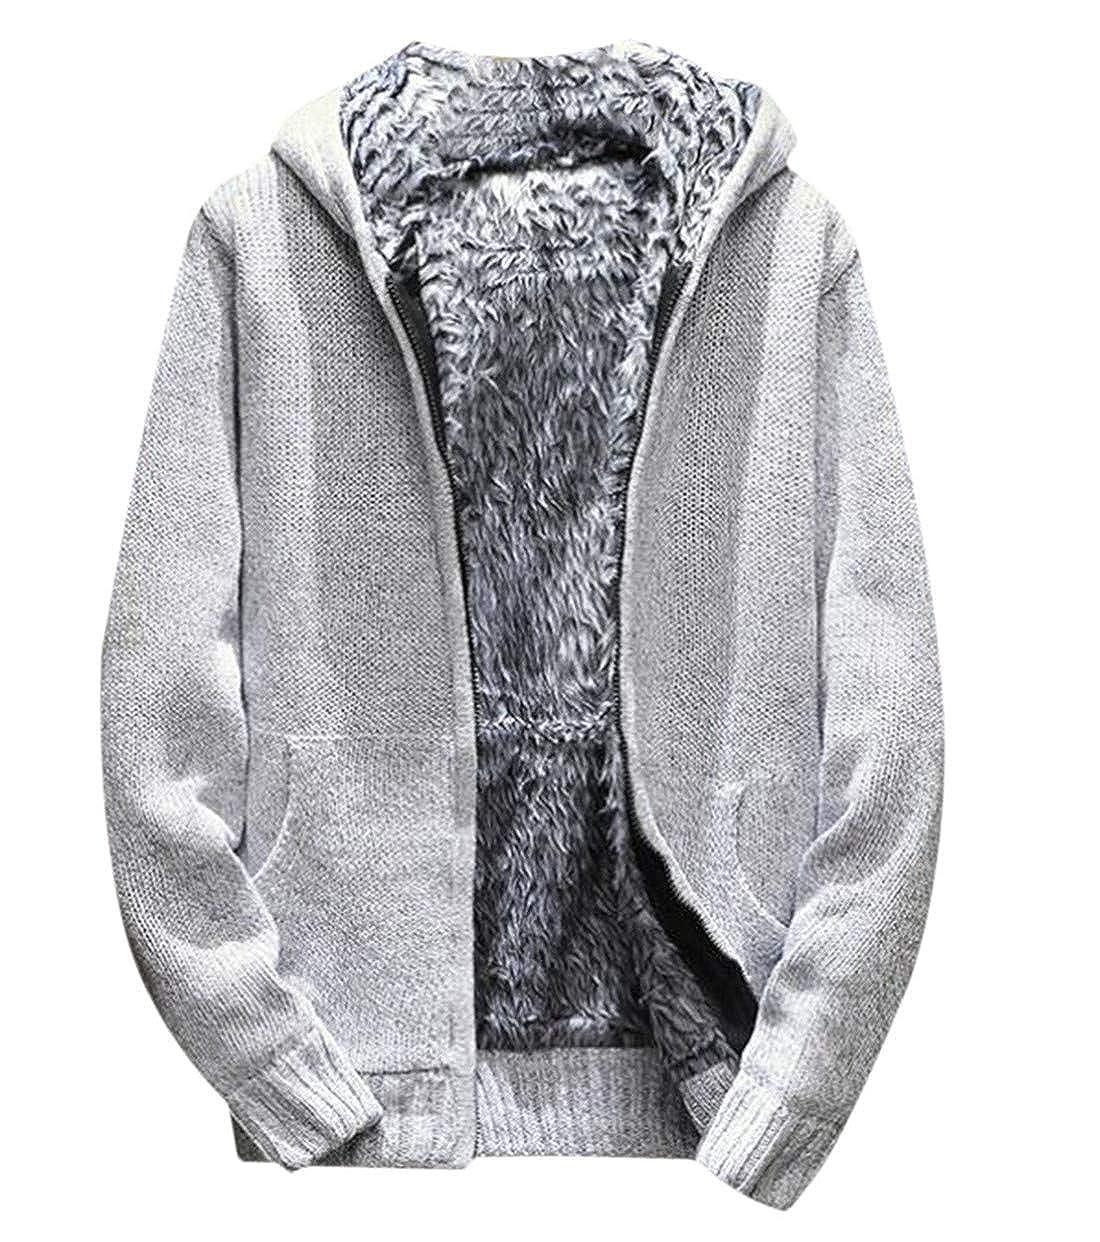 GRMO Men Winter Outwear Thicken Fleece Lined Knit Hooded Cardigan Coat